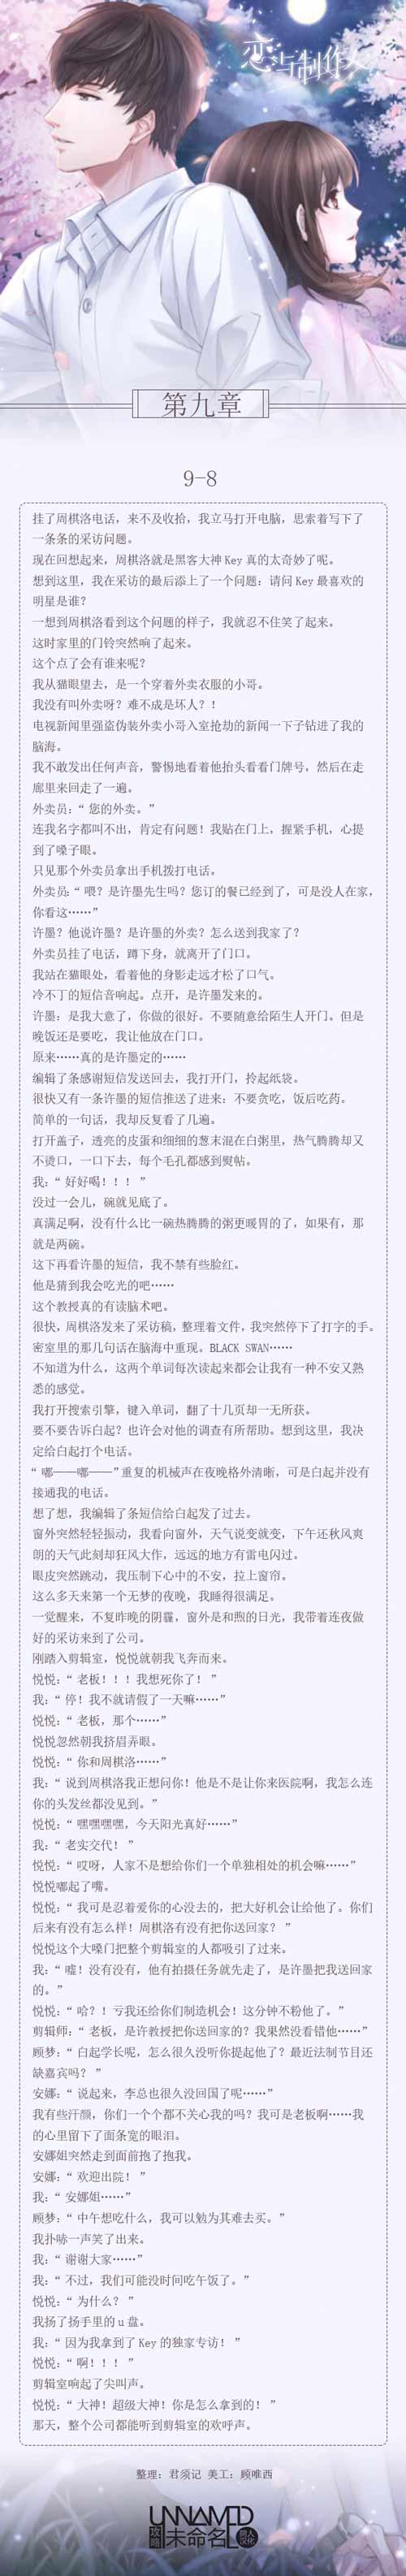 恋与制作人9-8剧情 恋与制作人第九章剧情